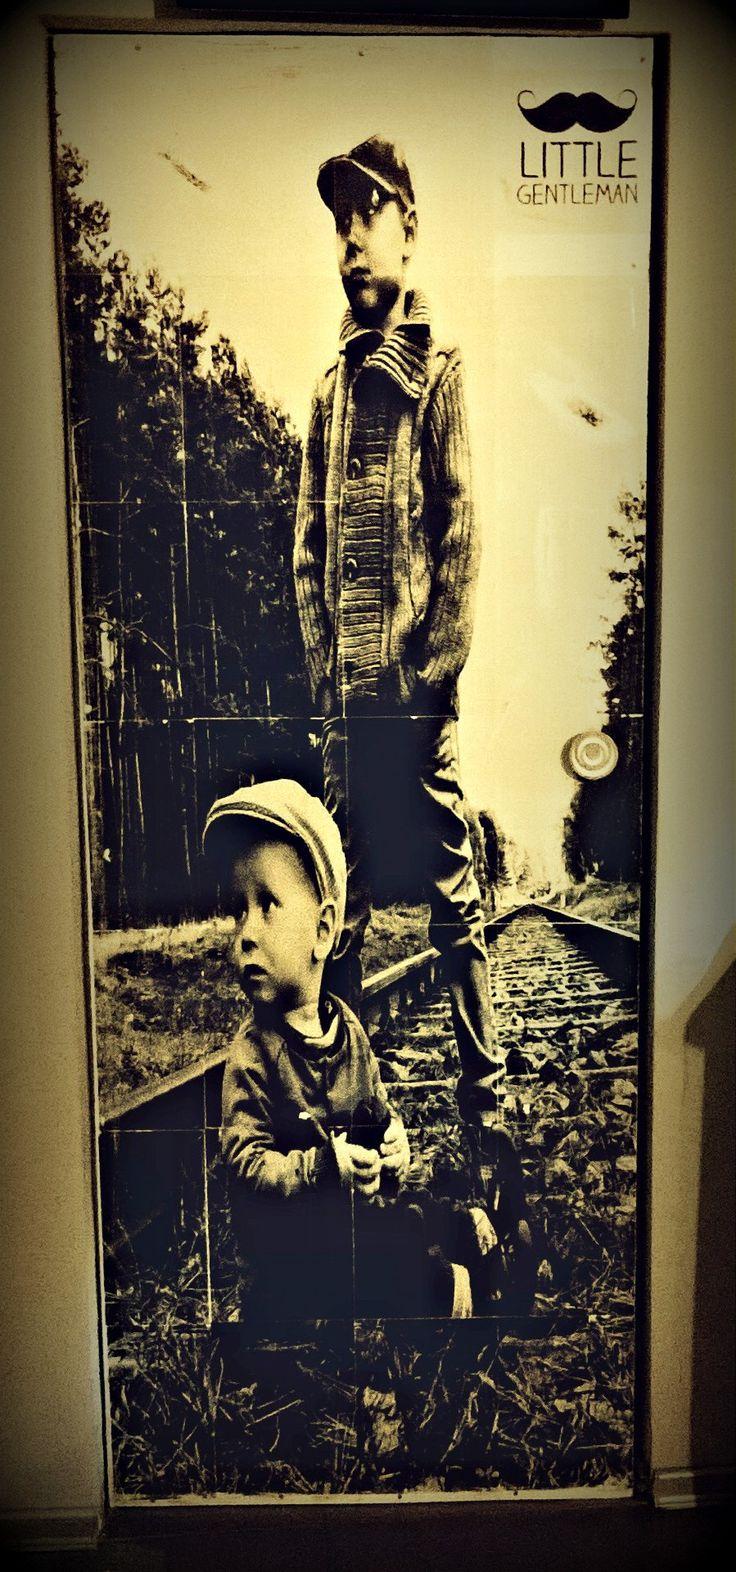 Drzwi Transfer zdjęcia